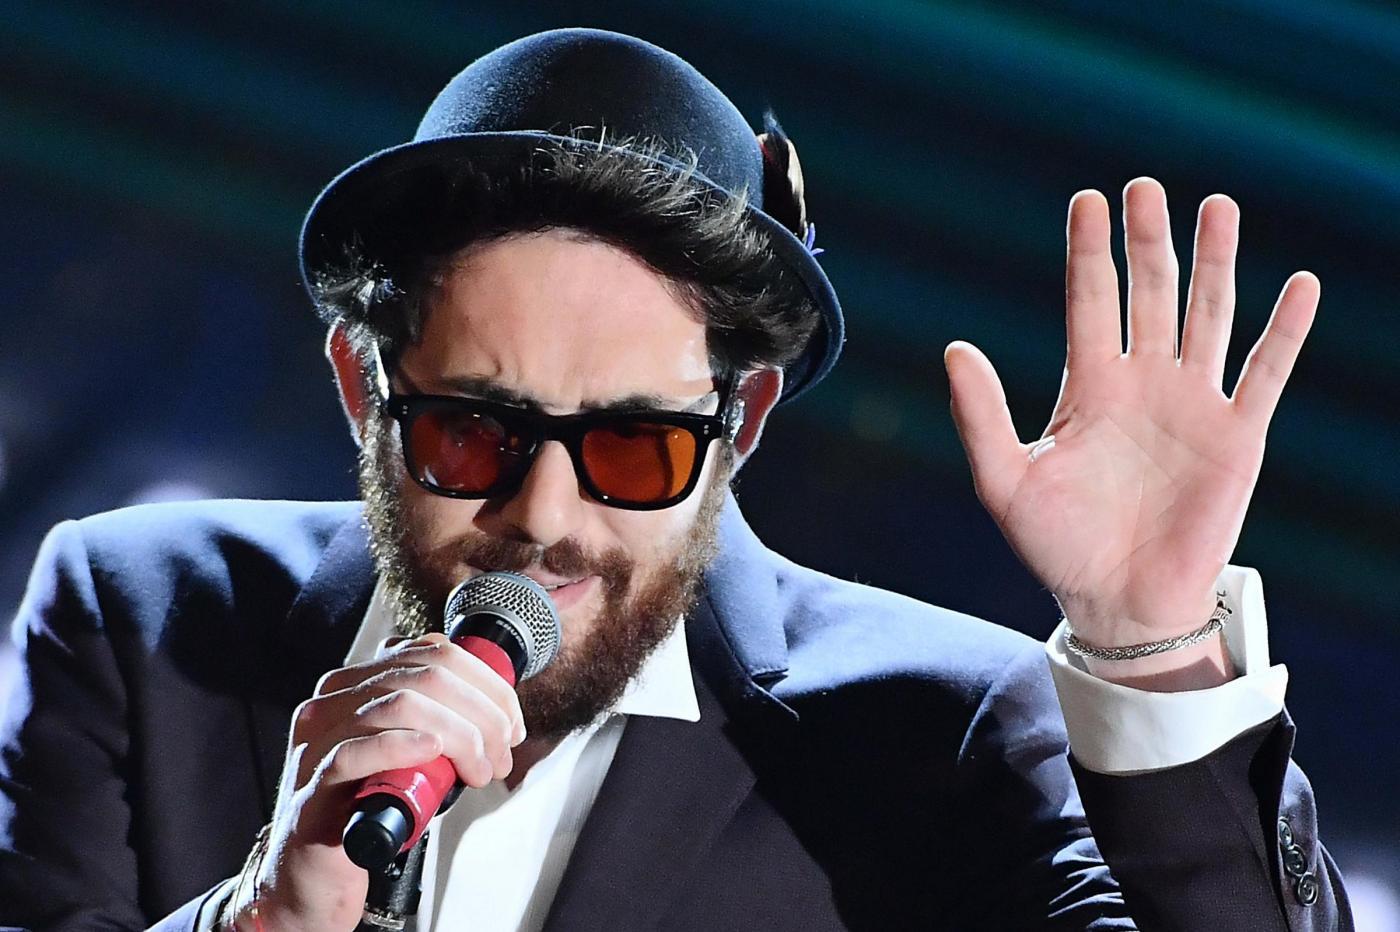 Sanremo 2017, Maldestro vince il Premio della Critica Mia Martini tra le Nuove Proposte